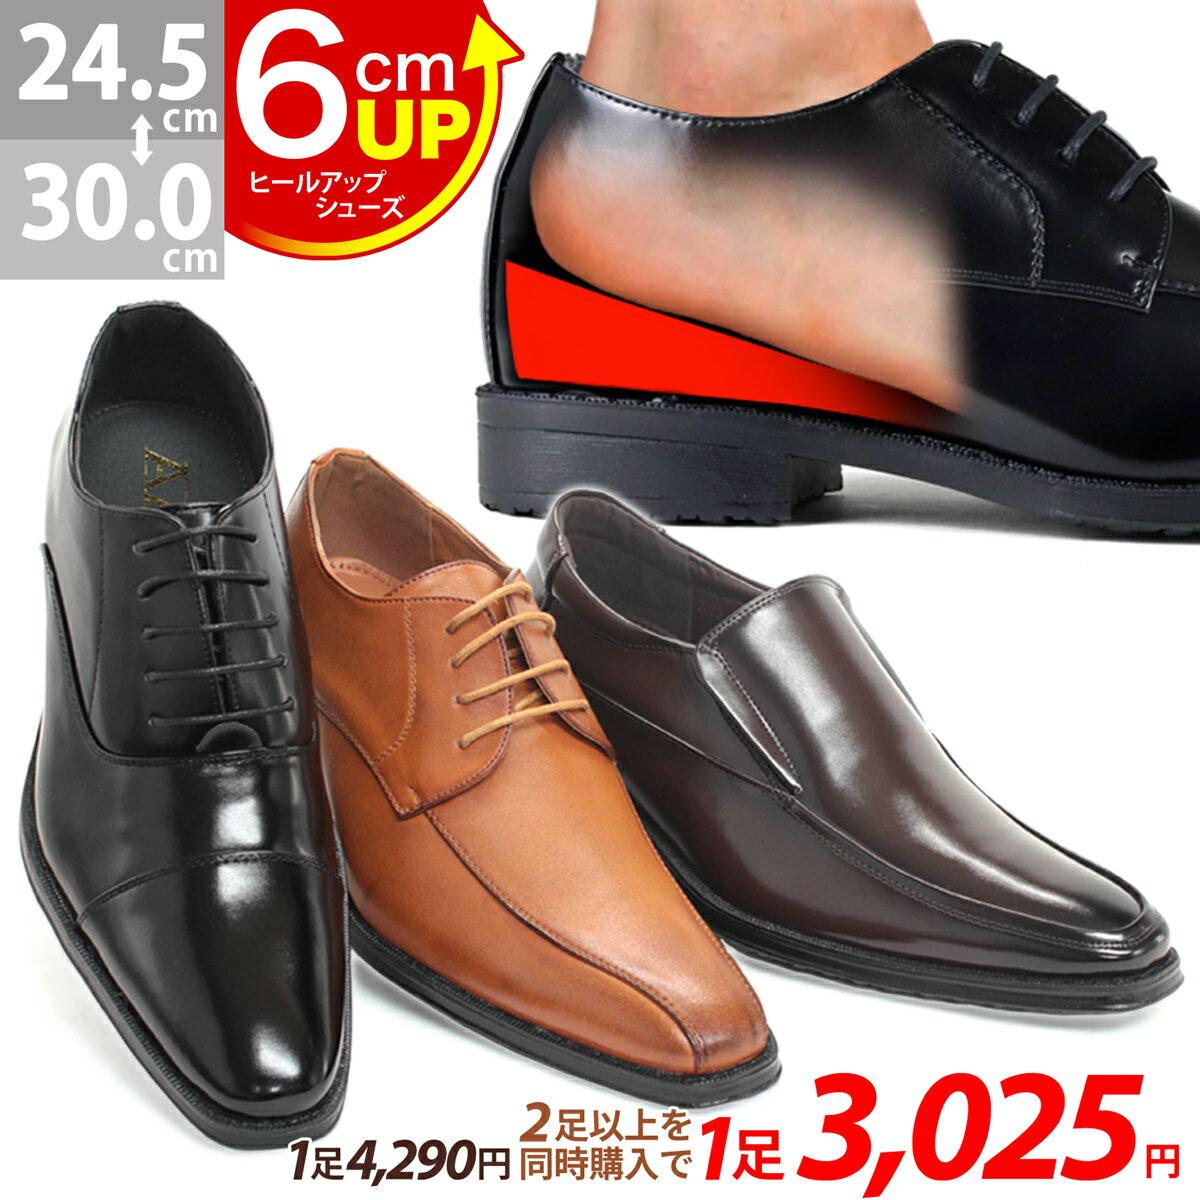 【期間限定ポイント10倍】【送料無料】シークレットシューズ 6cm ヒールアップ ビジネスシューズ 2足で5000円(税別) メンズヒールアップシューズ 身長 防滑ソール ビジネス 紳士靴 結婚式 スリッポン 革靴 2足セット No.2680-2685【AAA+】